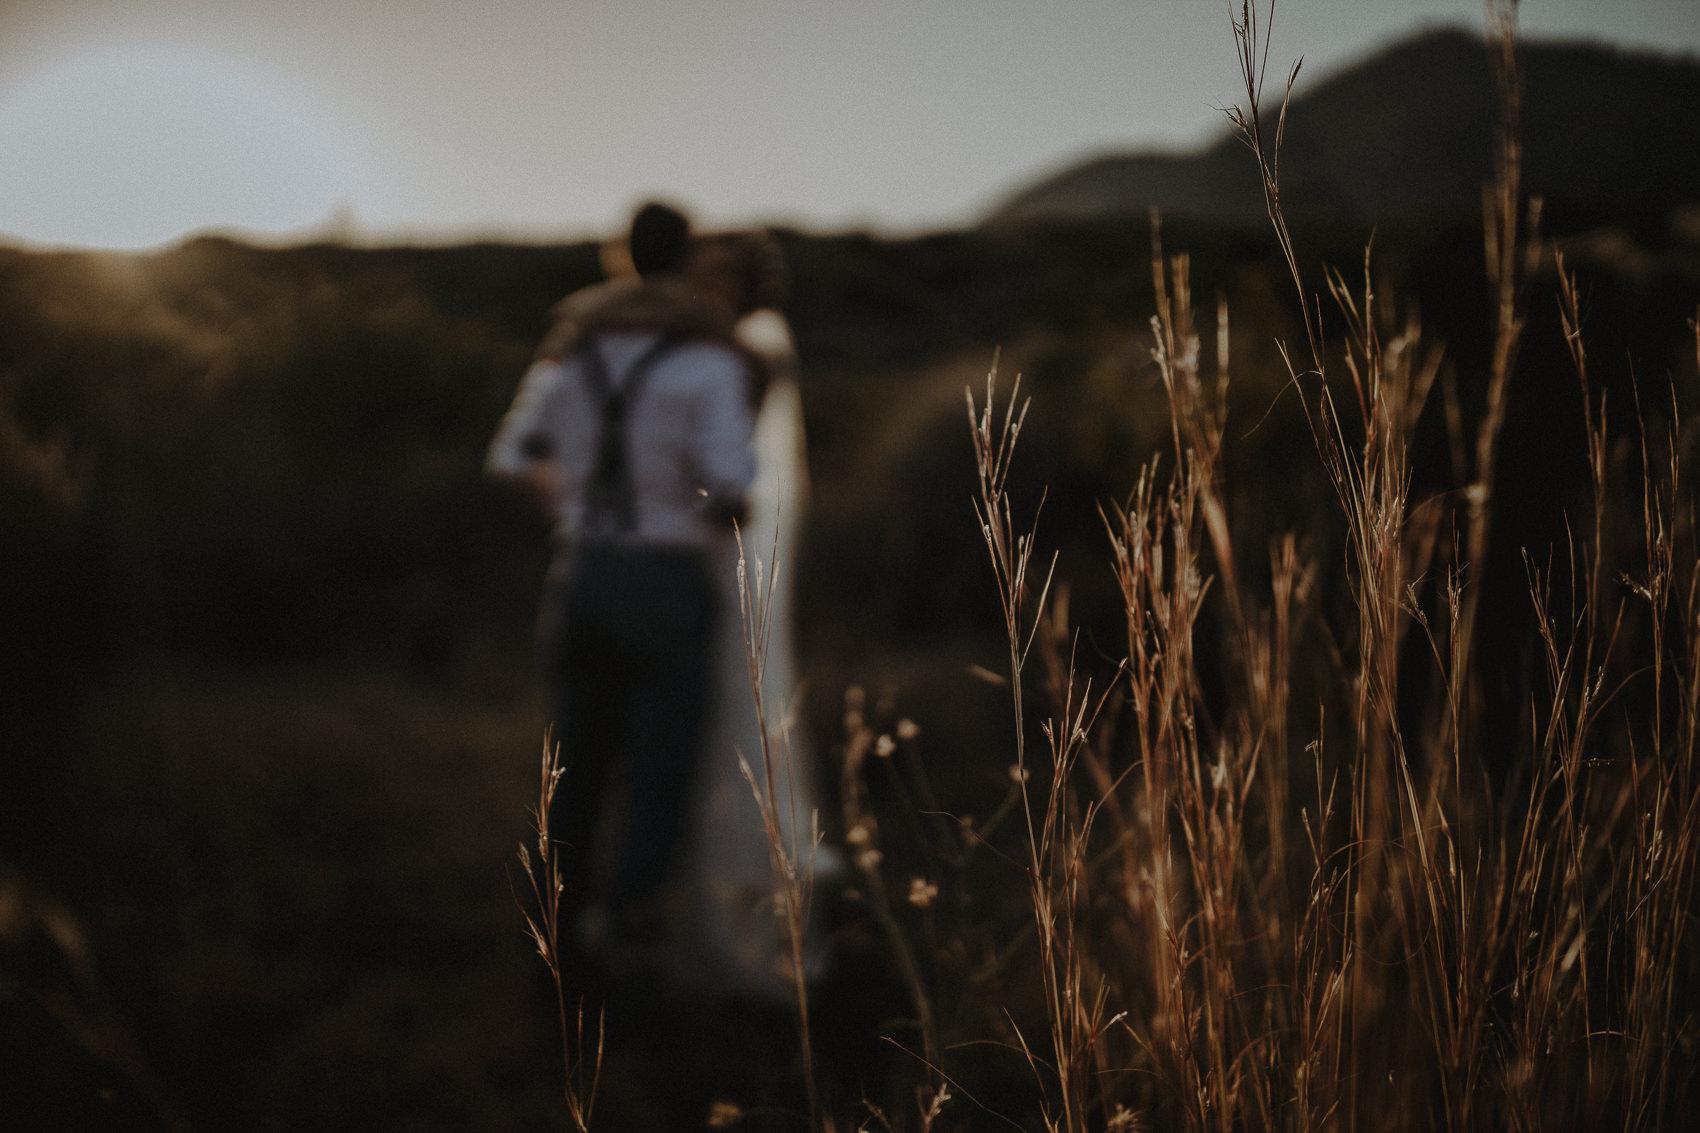 Sarah & Bill | Summer wedding at Cortijo Rosa Blanca | Marbella - Spain 136